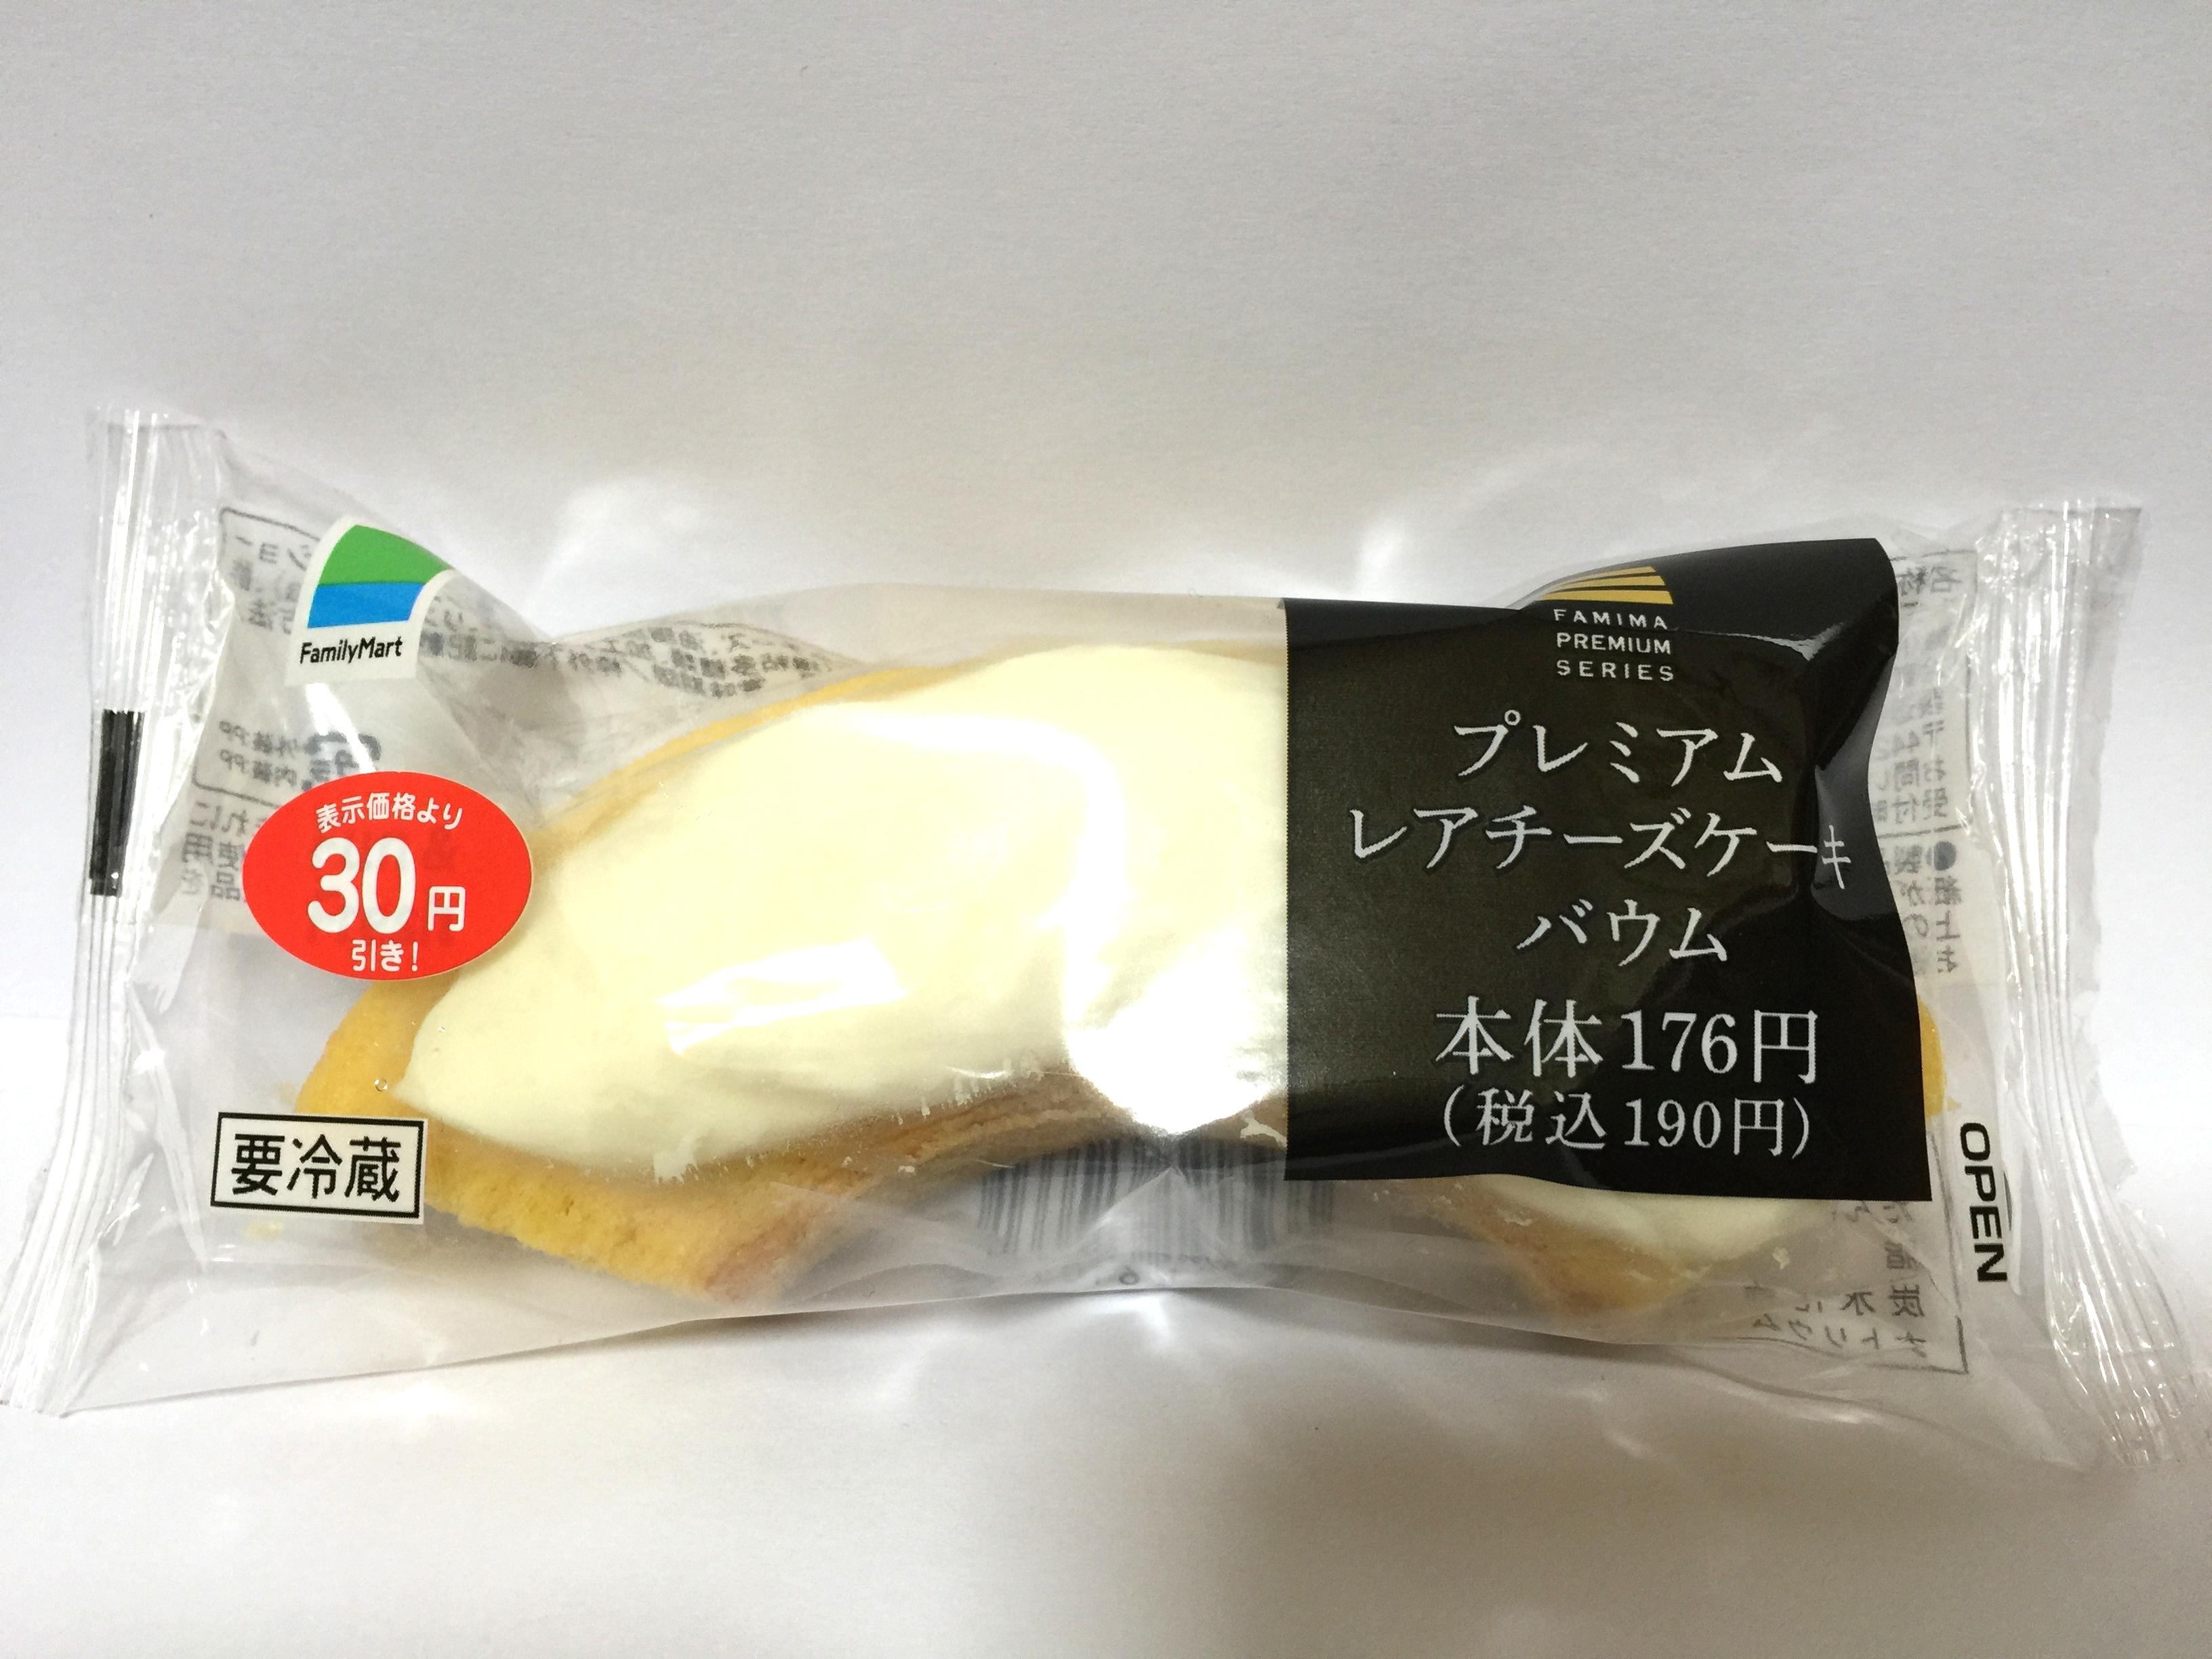 「プレミアムレアチーズケーキバウム」でプレミアムな気分に!味・価格・カロリーをレビュー【ファミリーマート】